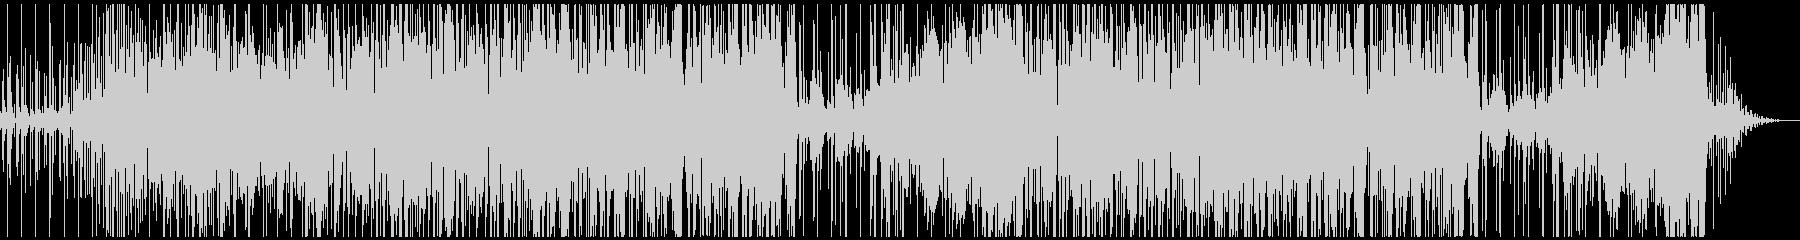 レゲエ、ダブ系インストBGMの未再生の波形